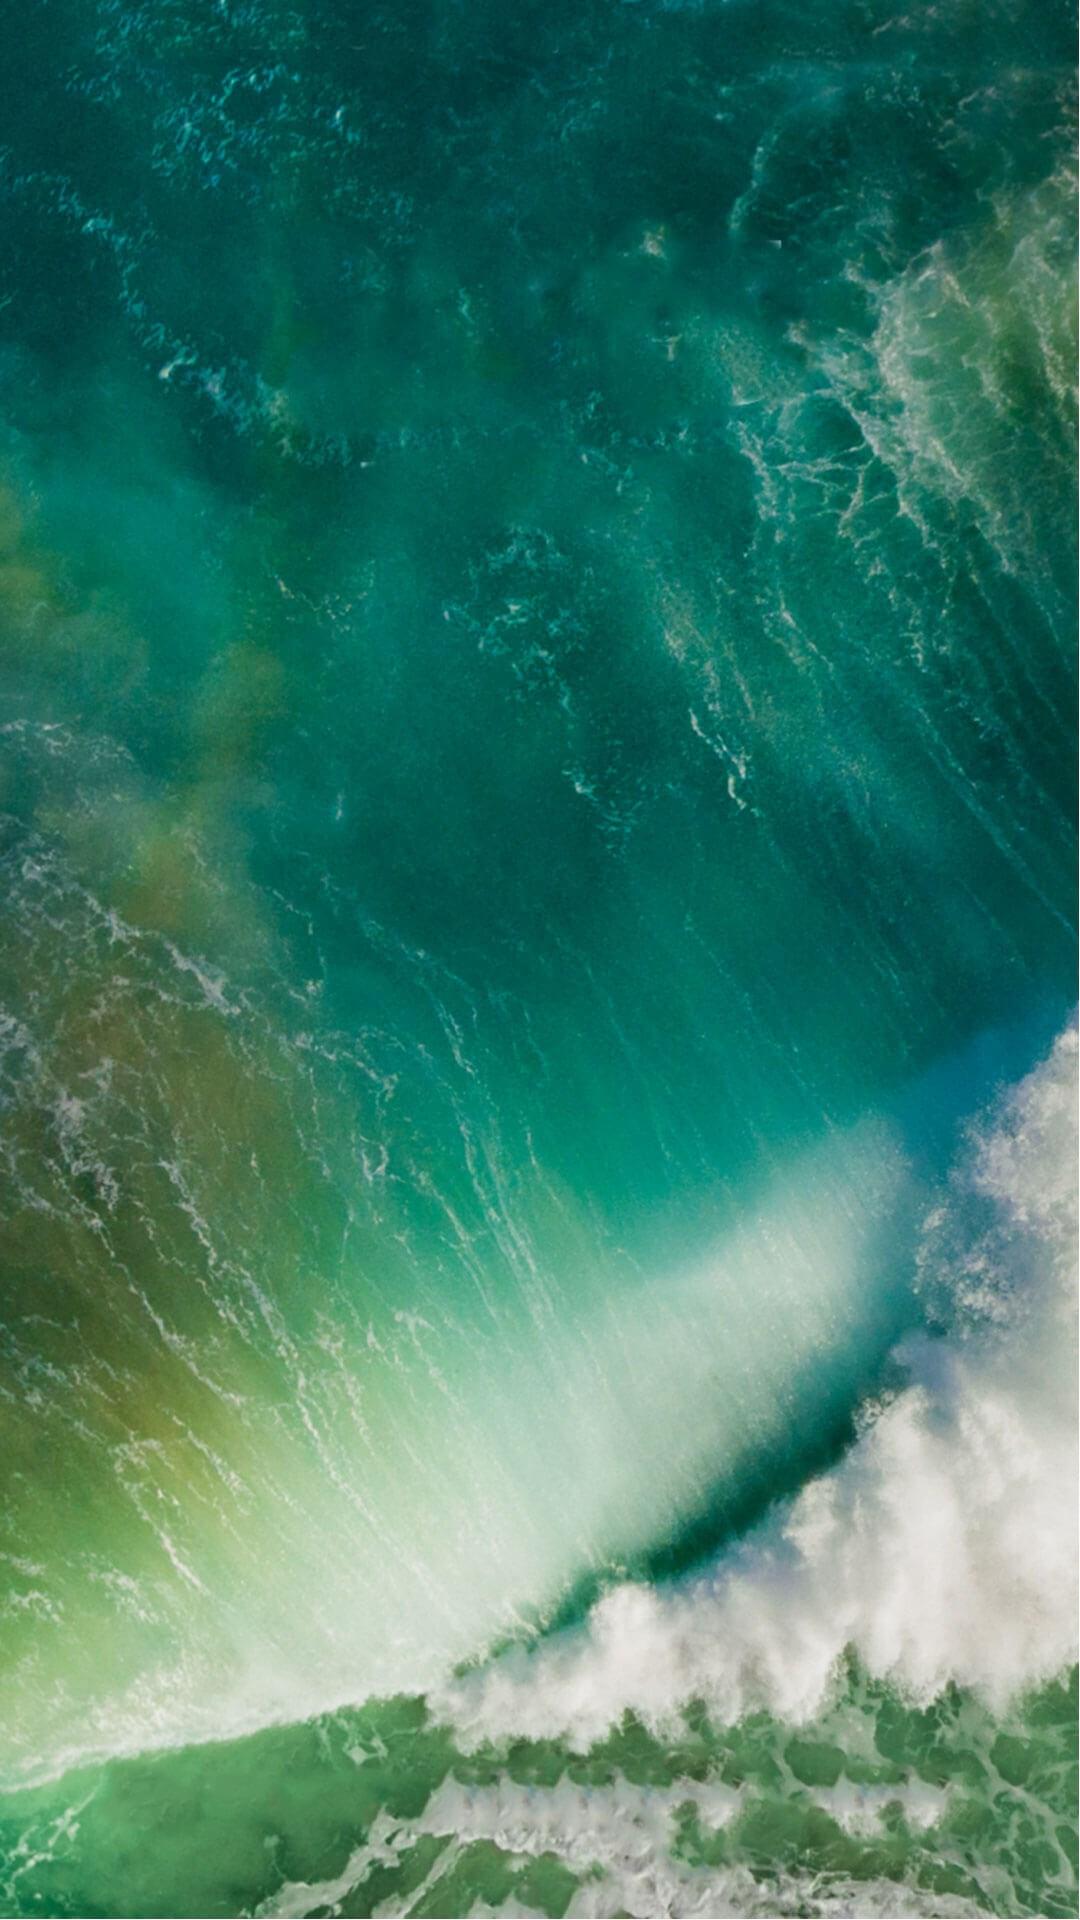 苹果IOS10官方内置壁纸 海水 绿色 苹果手机高清壁纸 1080x1920 爱思助手